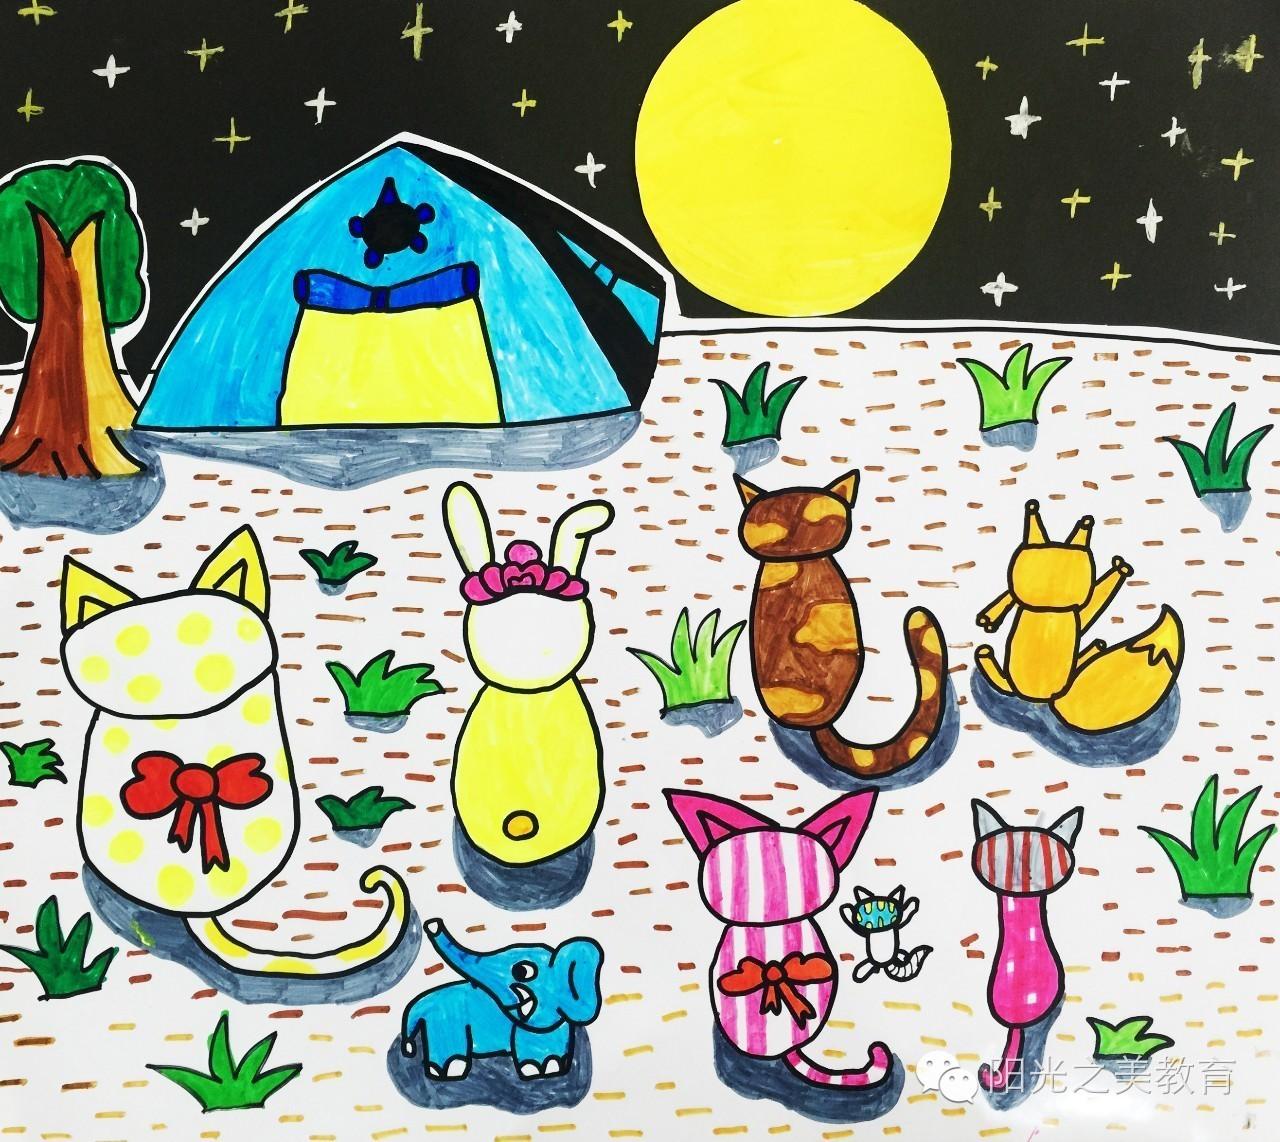 中秋节儿童画,中秋节主题儿童画,关于中秋节的儿童画 5068儿童网图片